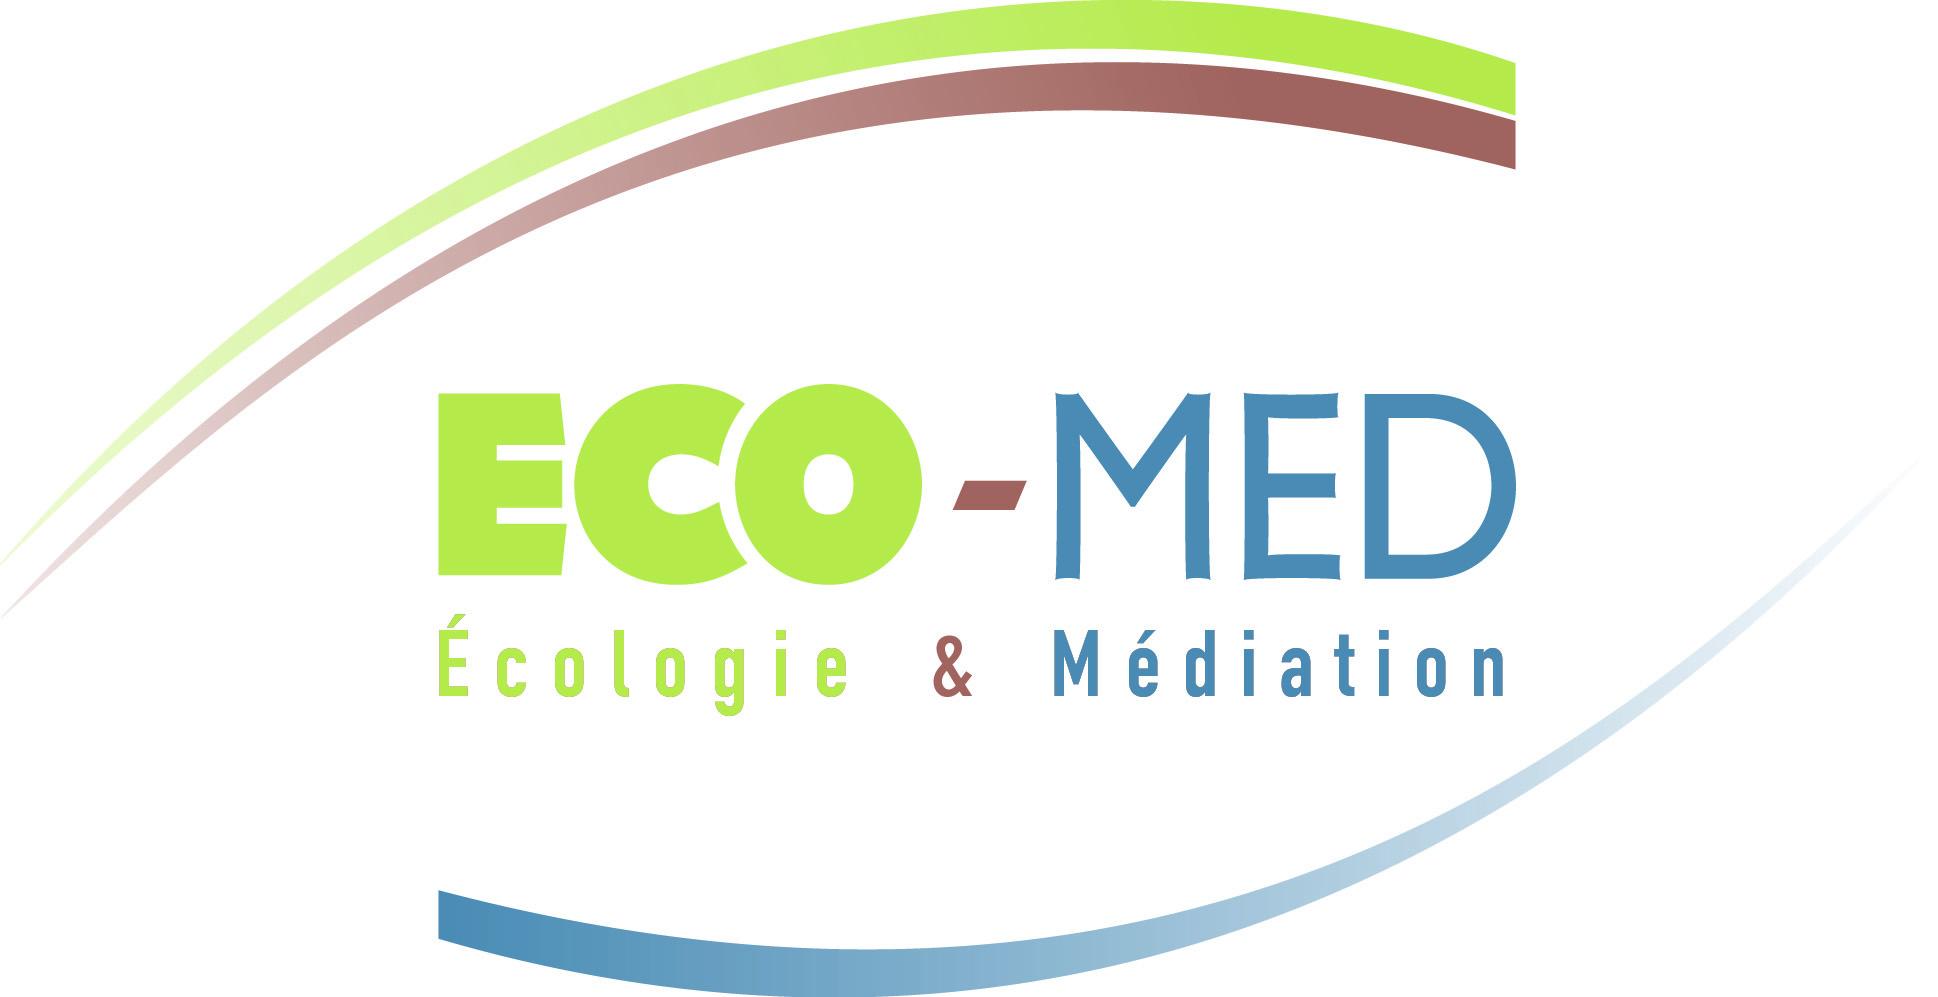 ECO-MED'